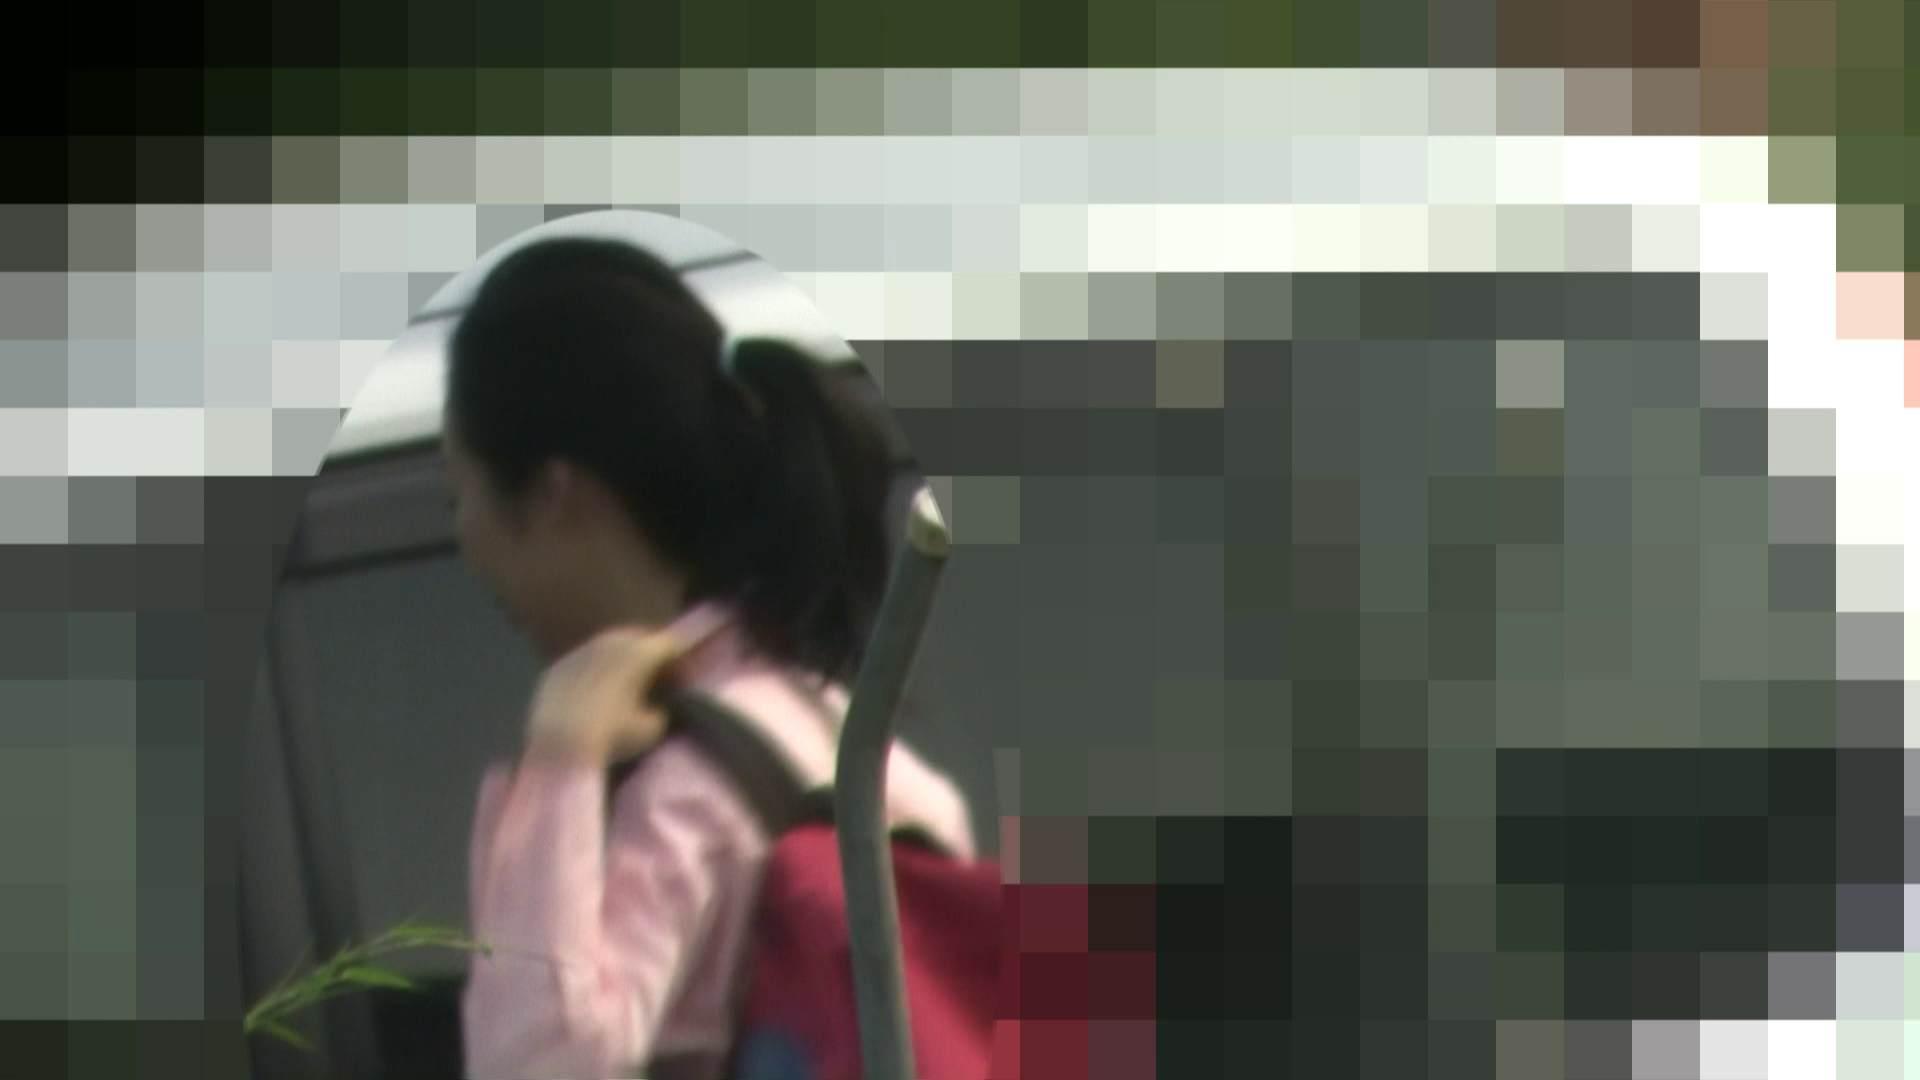 高画質露天女風呂観察 vol.027 乙女のエロ動画 オマンコ動画キャプチャ 75PIX 4